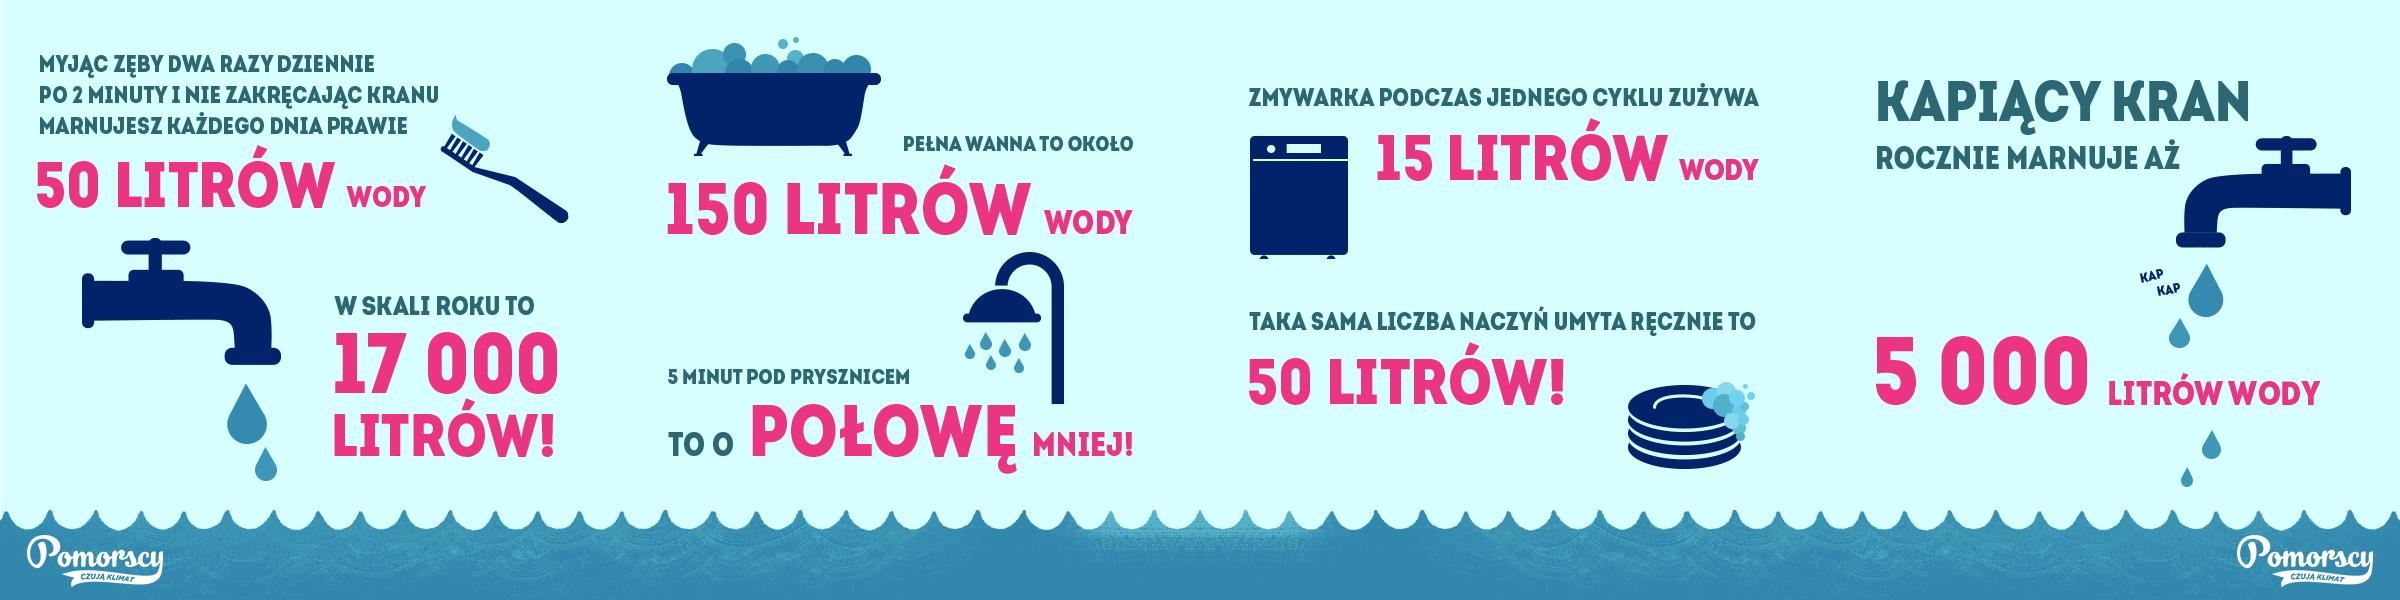 Znalezione obrazy dla zapytania: sposoby oszczędzania wody